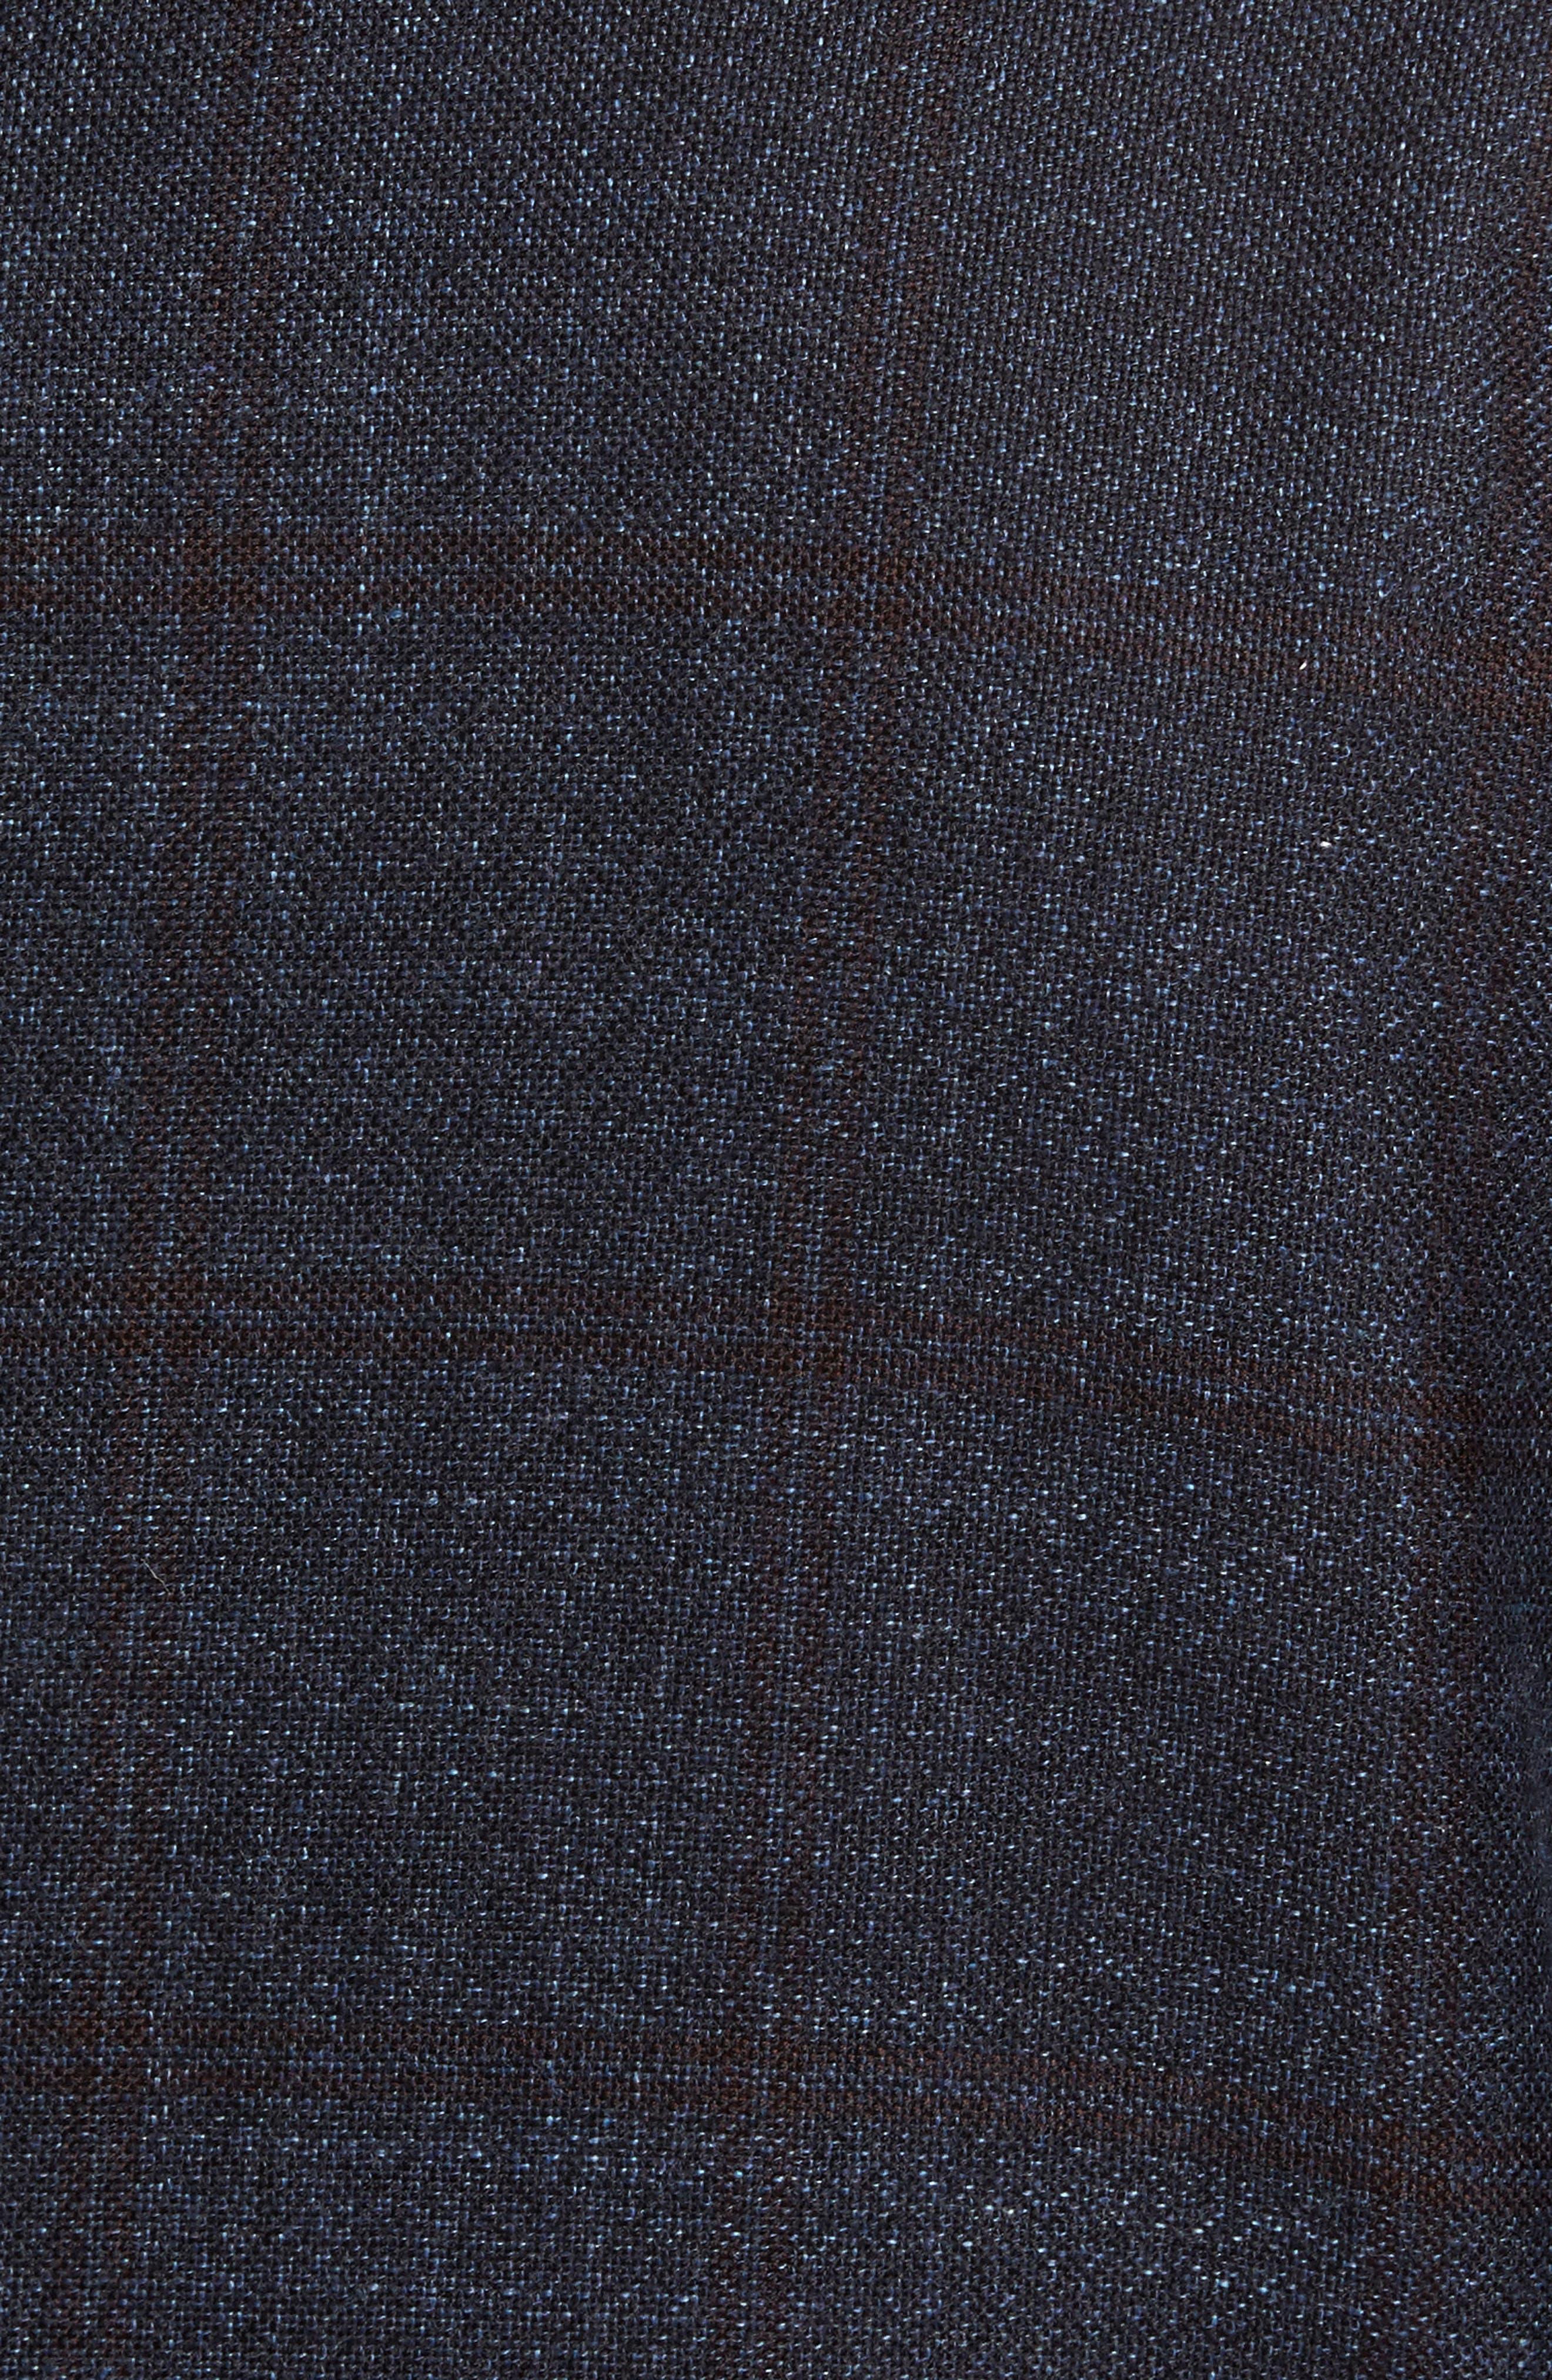 Glenside Wool Blend Sport Coat,                             Alternate thumbnail 6, color,                             411